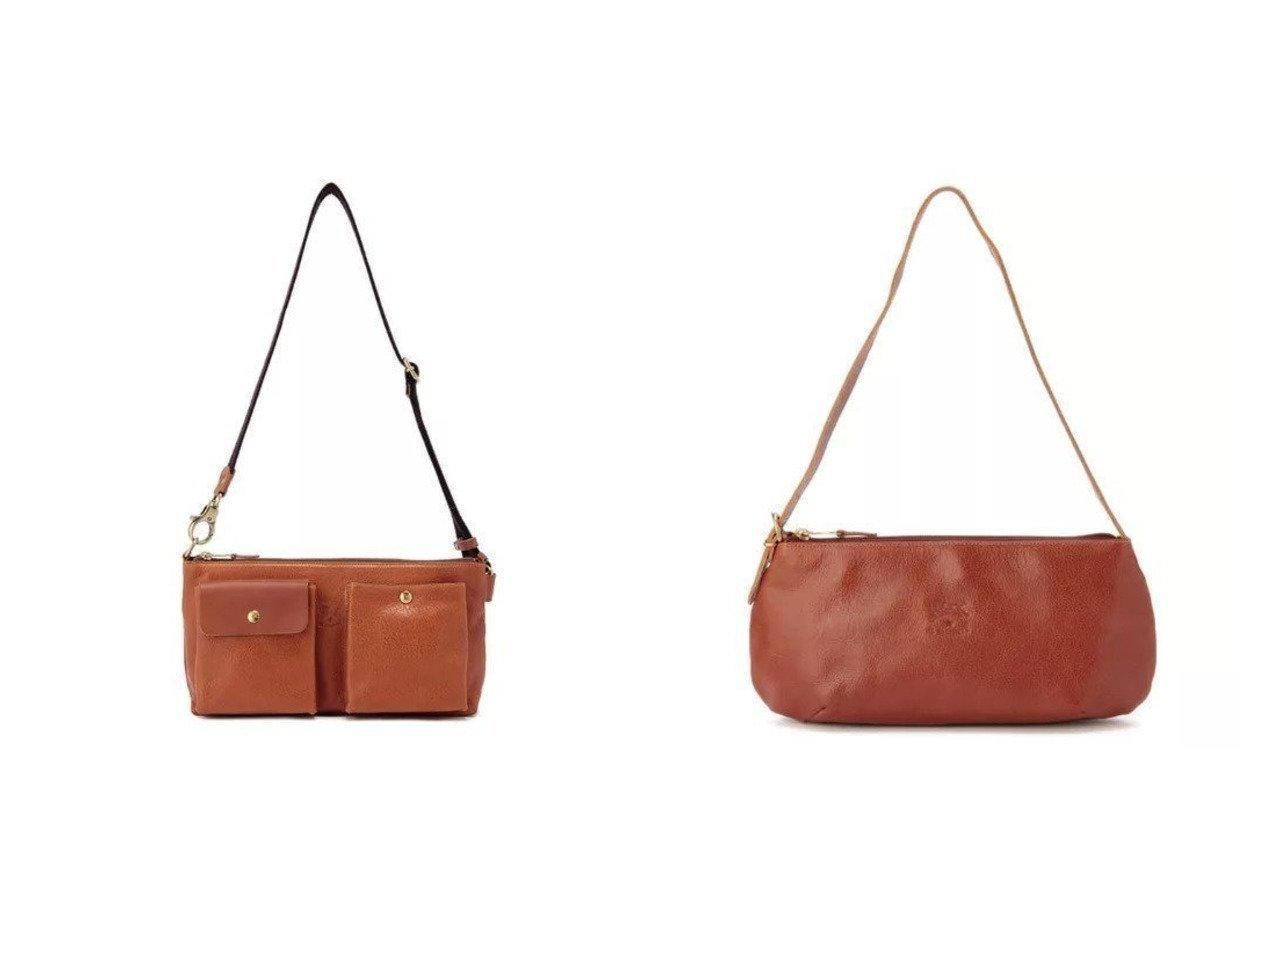 【IL BISONTE/イル ビゾンテ】のショルダーバッグ&ショルダーバッグ バッグ・鞄のおすすめ!人気、トレンド・レディースファッションの通販  おすすめで人気の流行・トレンド、ファッションの通販商品 メンズファッション・キッズファッション・インテリア・家具・レディースファッション・服の通販 founy(ファニー) https://founy.com/ ファッション Fashion レディースファッション WOMEN バッグ Bag シンプル ダブル ポケット ハンドバッグ パーティ フラット 定番 |ID:crp329100000009113